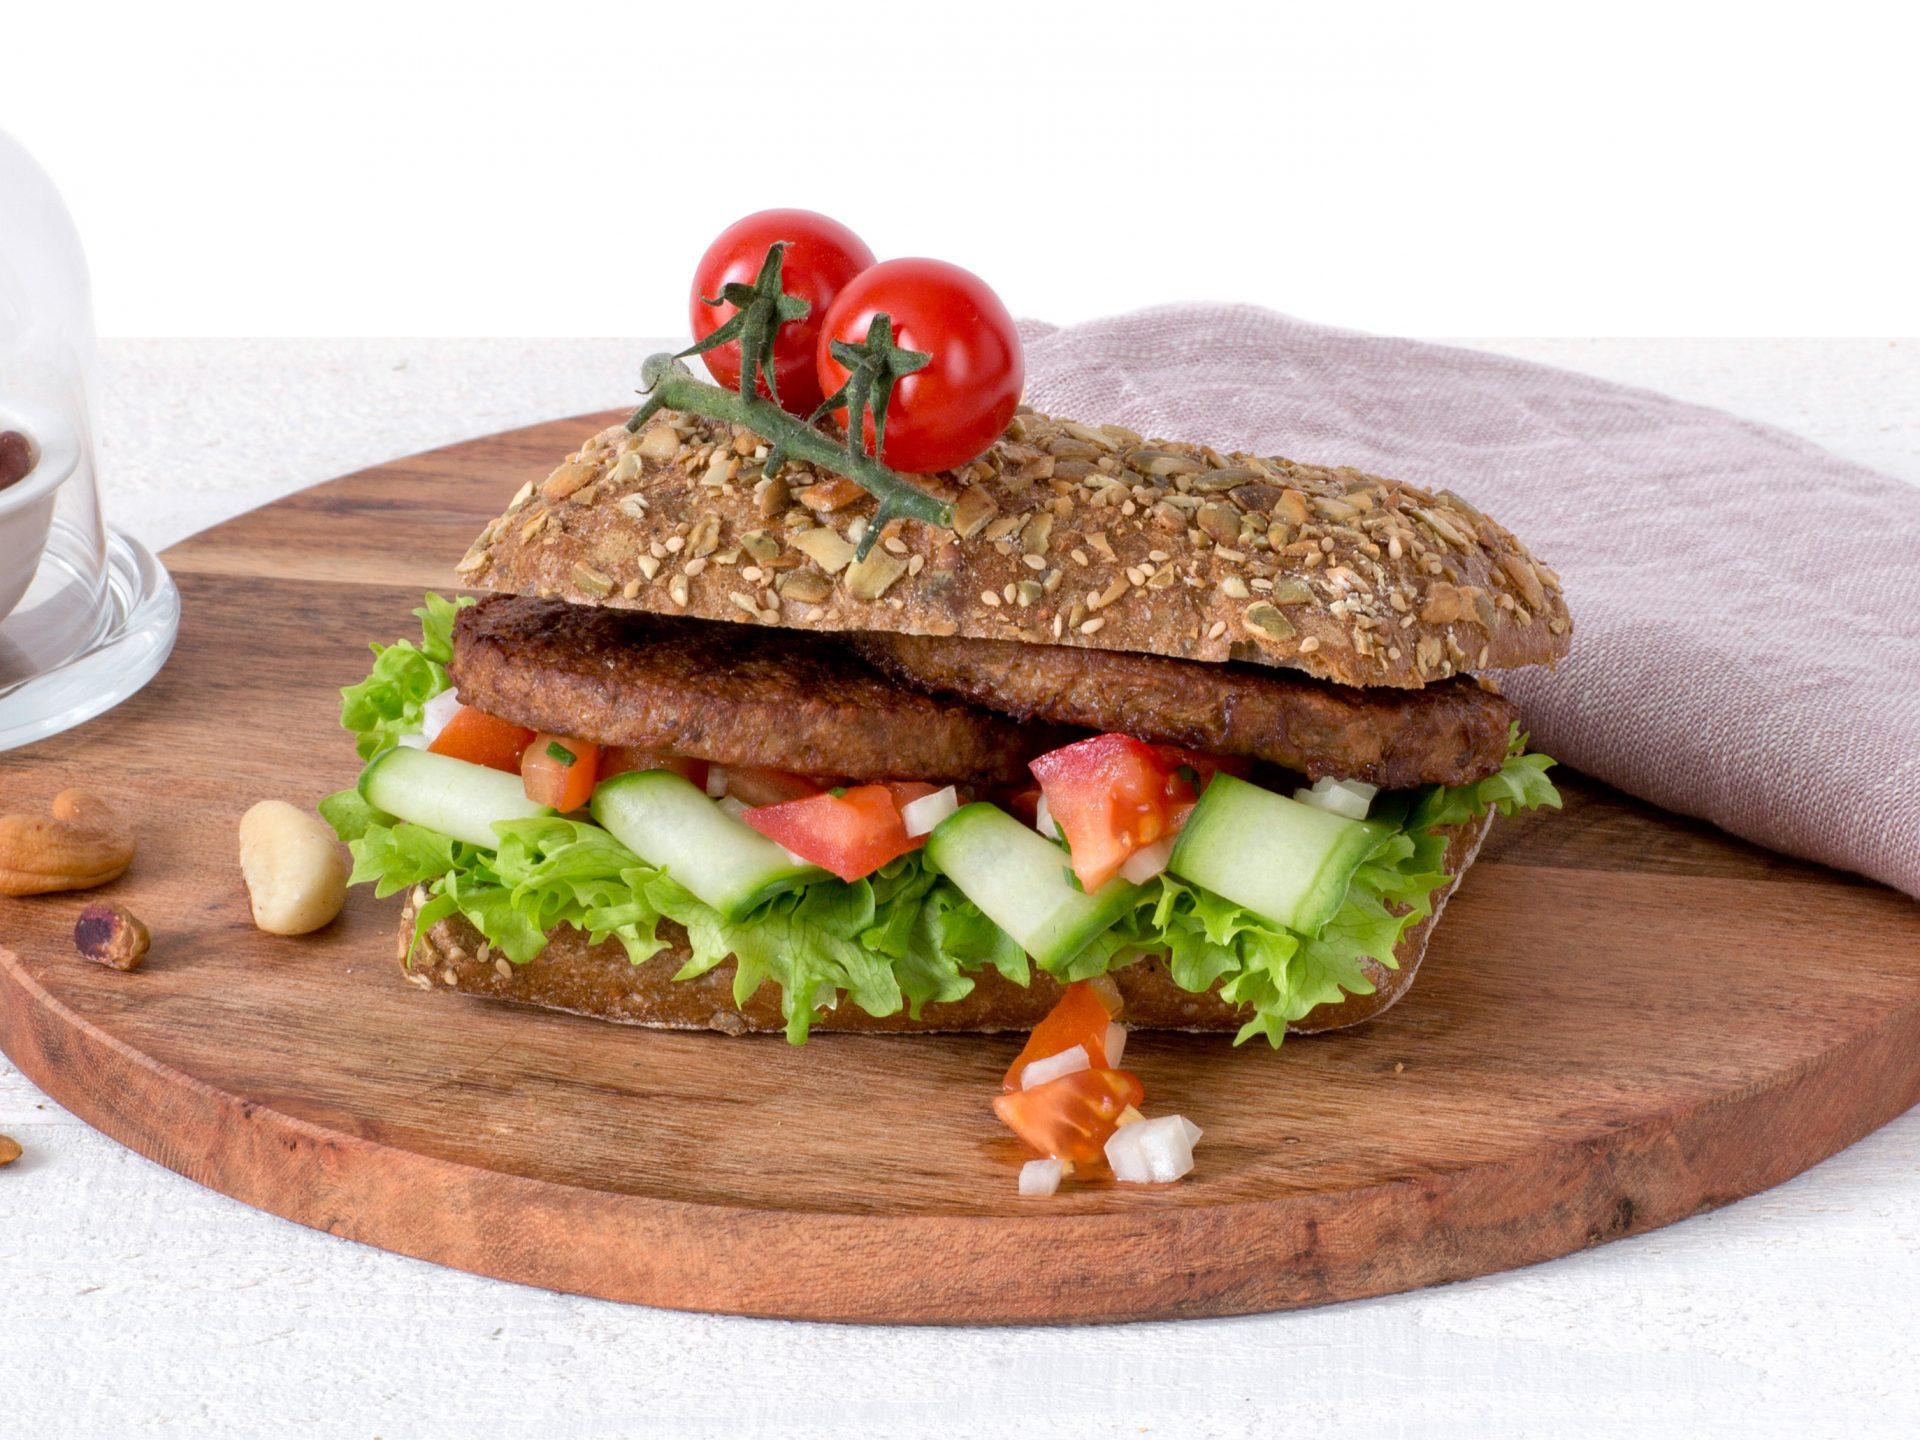 Fleischersatz: vegetarischer nussburger